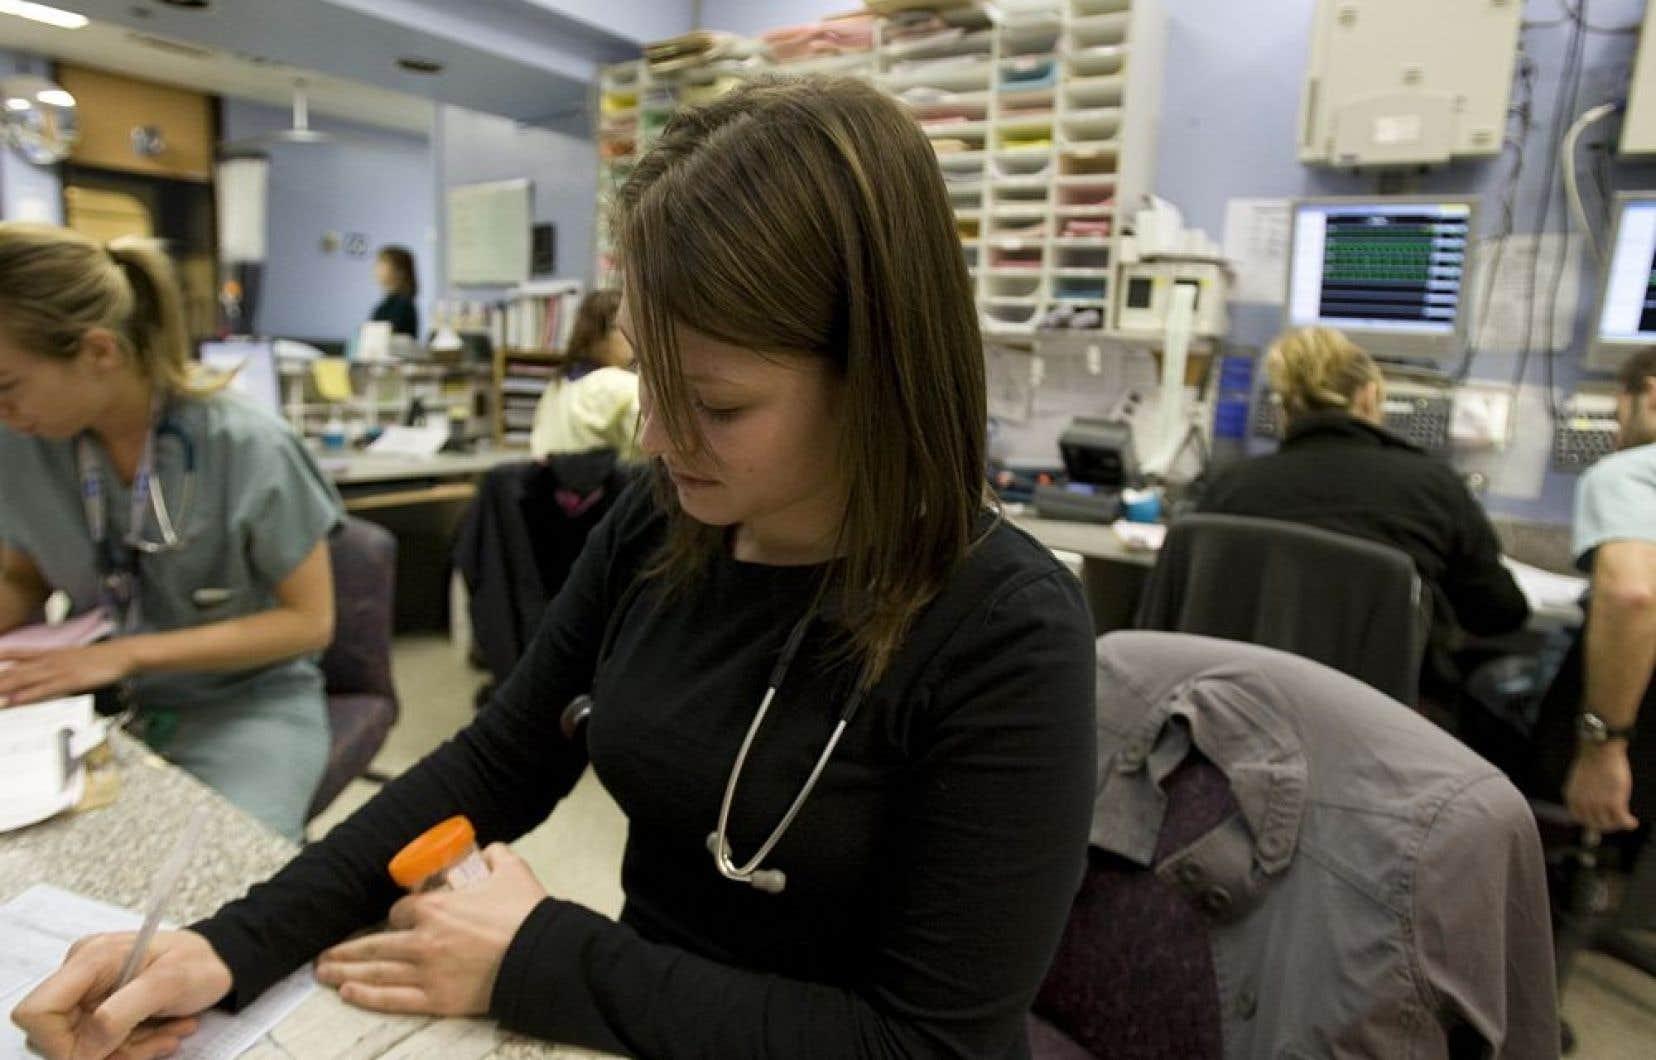 La FIQ caresse deux rêves qu'elle veut voir réalisés: des cliniques infirmières de quartier et des maisons pour personnes âgées à échelle humaine.